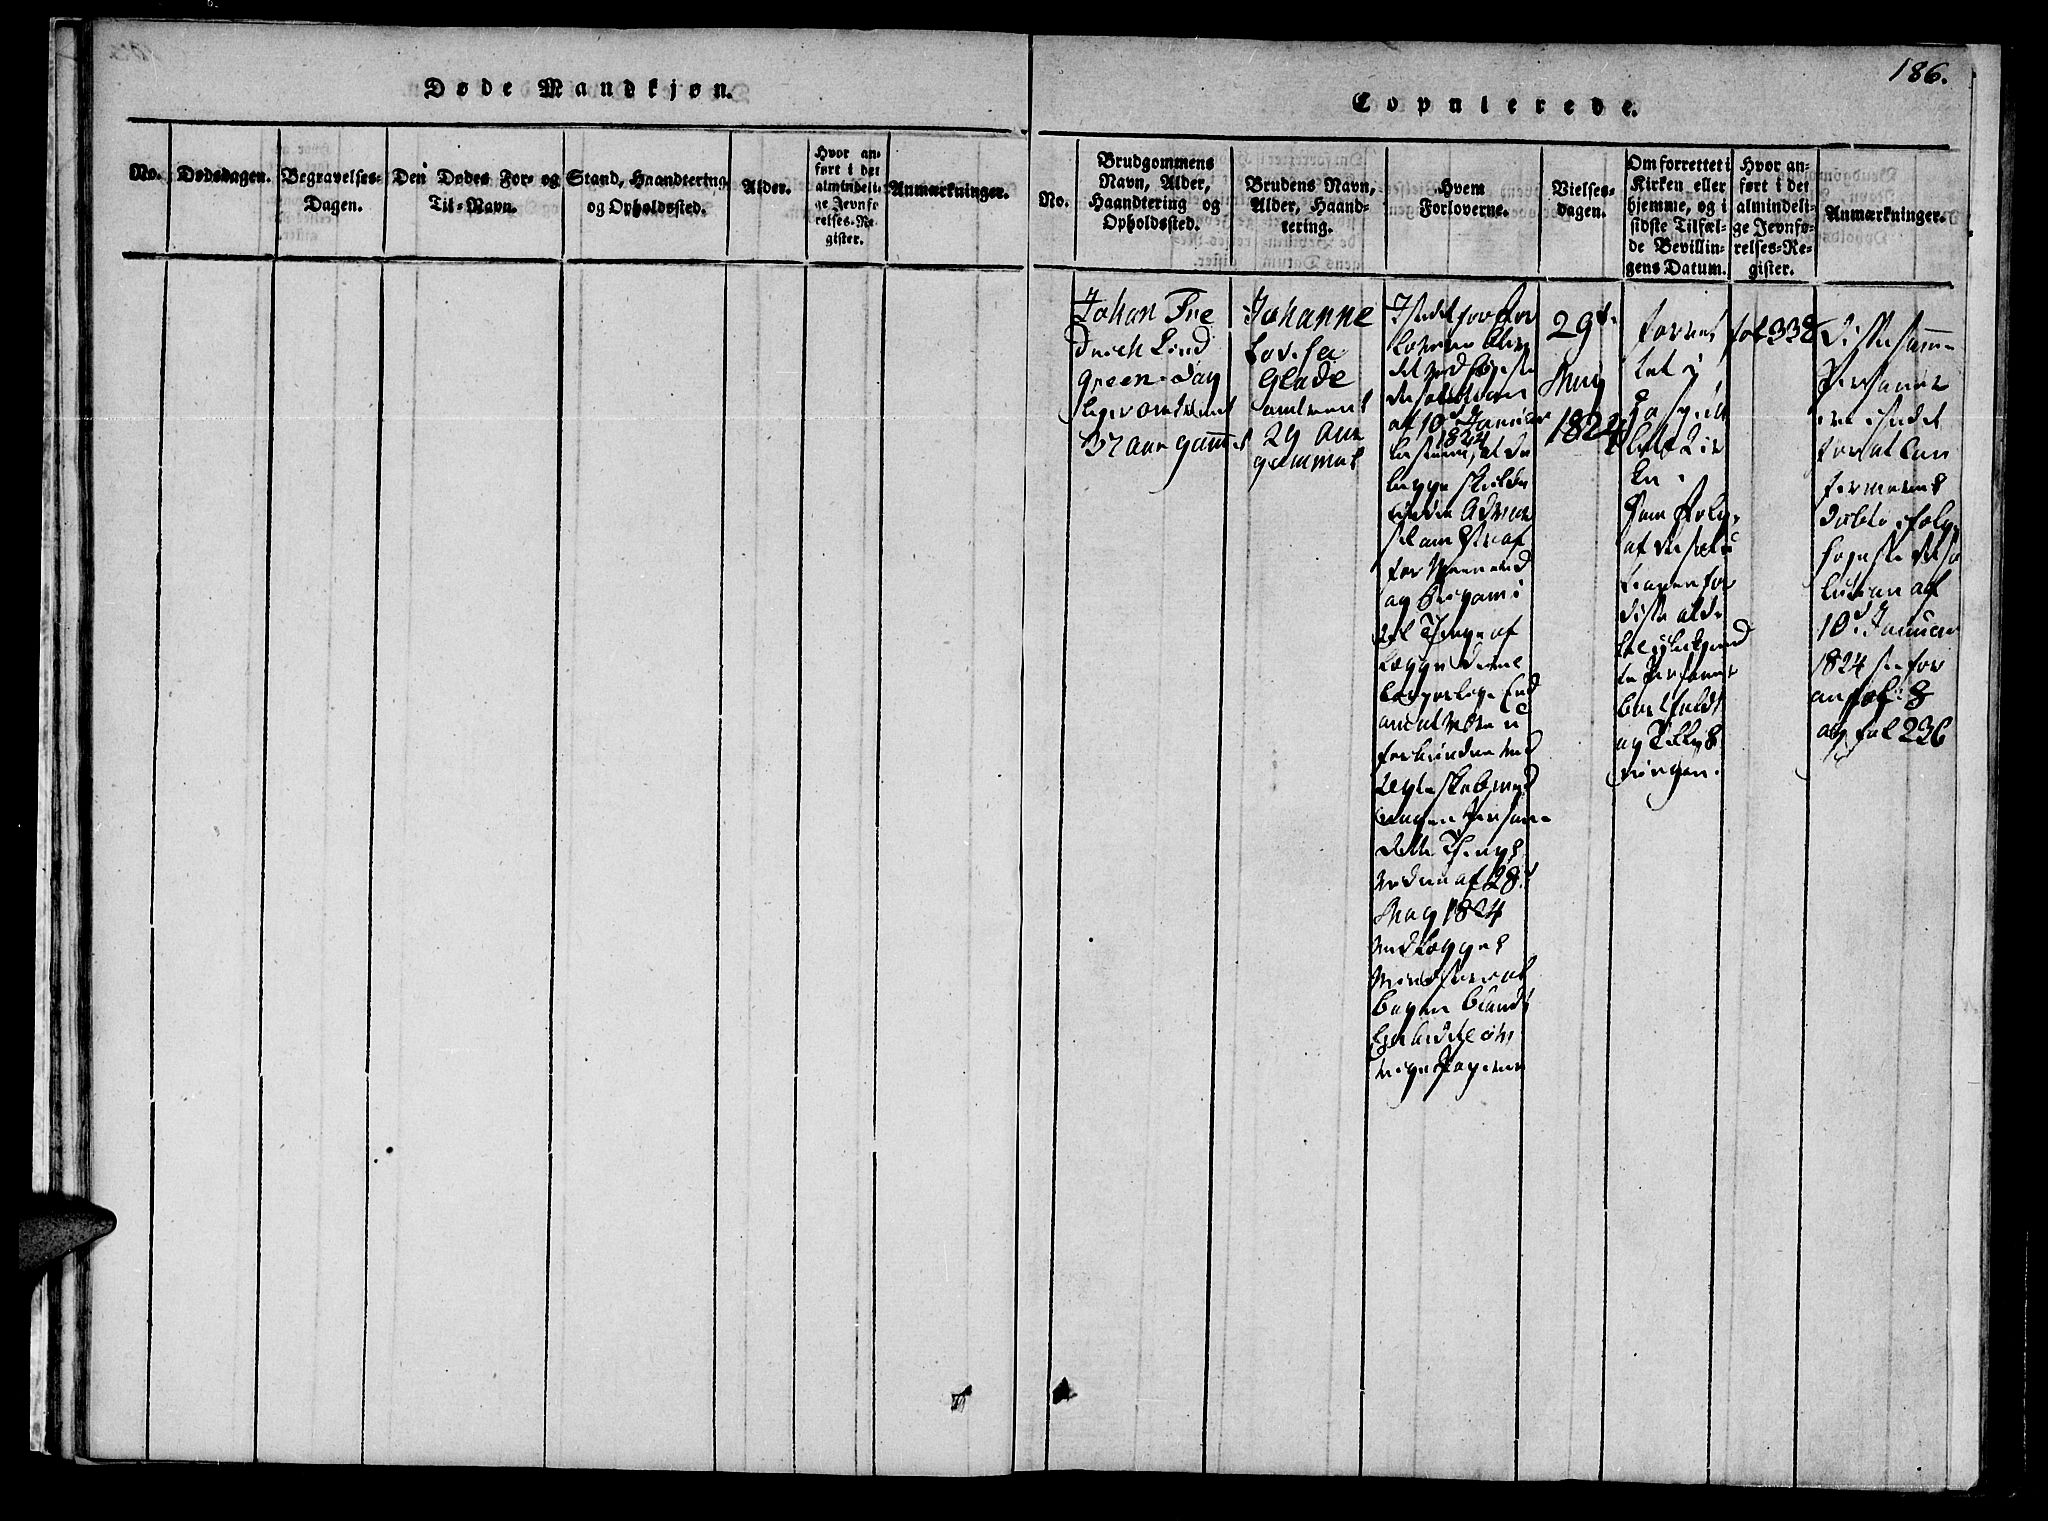 SAT, Ministerialprotokoller, klokkerbøker og fødselsregistre - Sør-Trøndelag, 623/L0467: Ministerialbok nr. 623A01, 1815-1825, s. 186